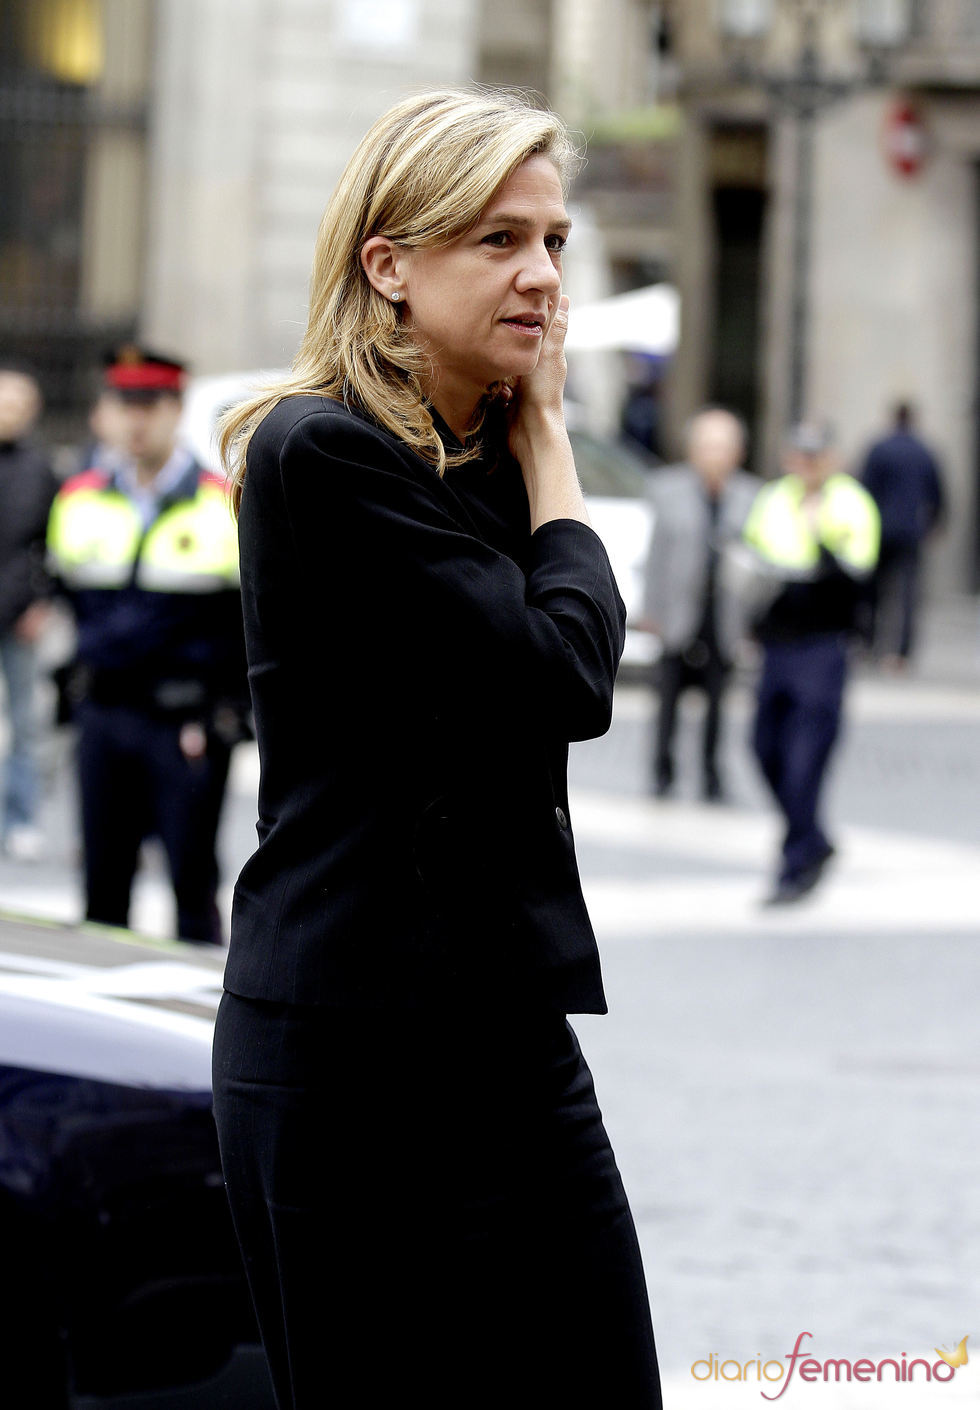 La Infanta Cristina acude a la capilla ardiente de Samaranch